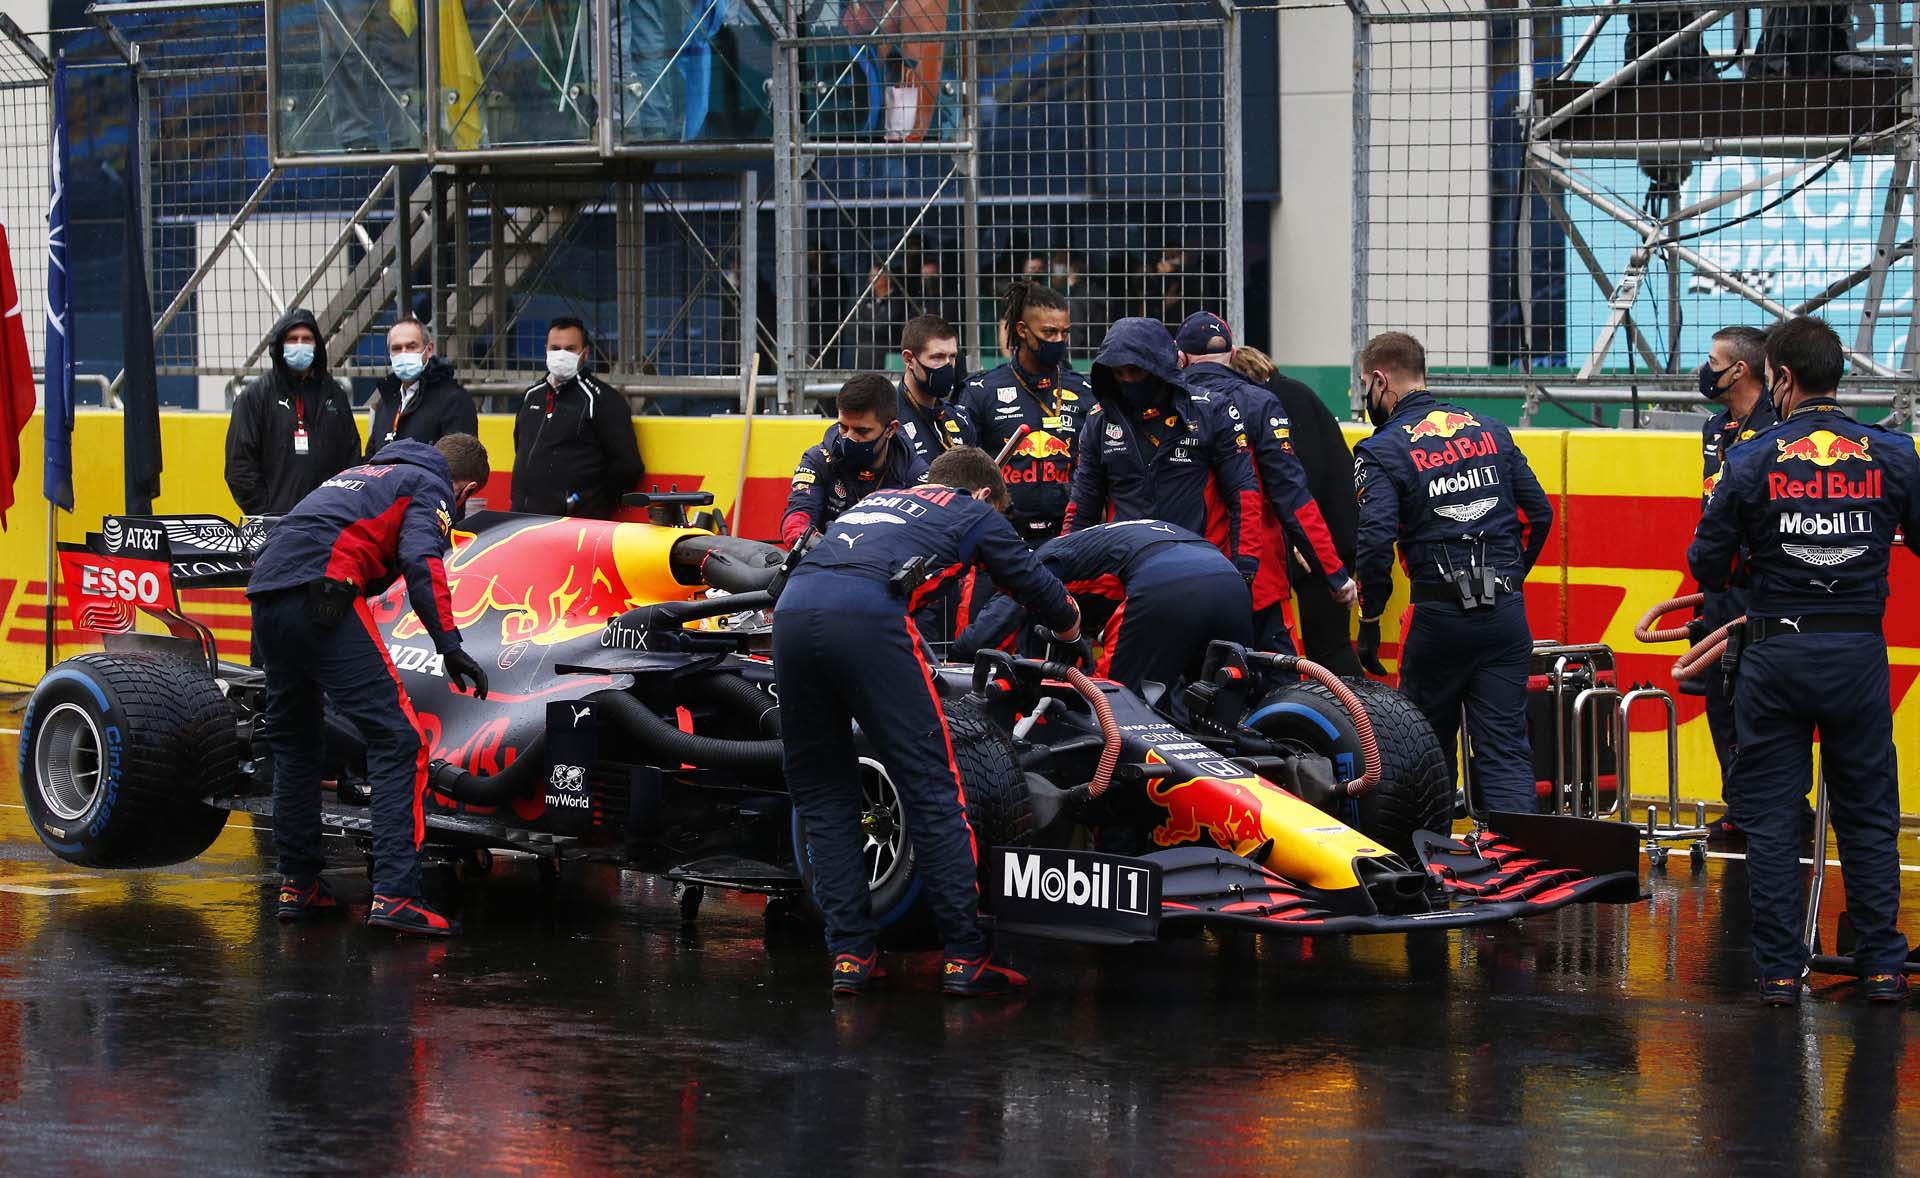 F1 Grand Prix of Turkey